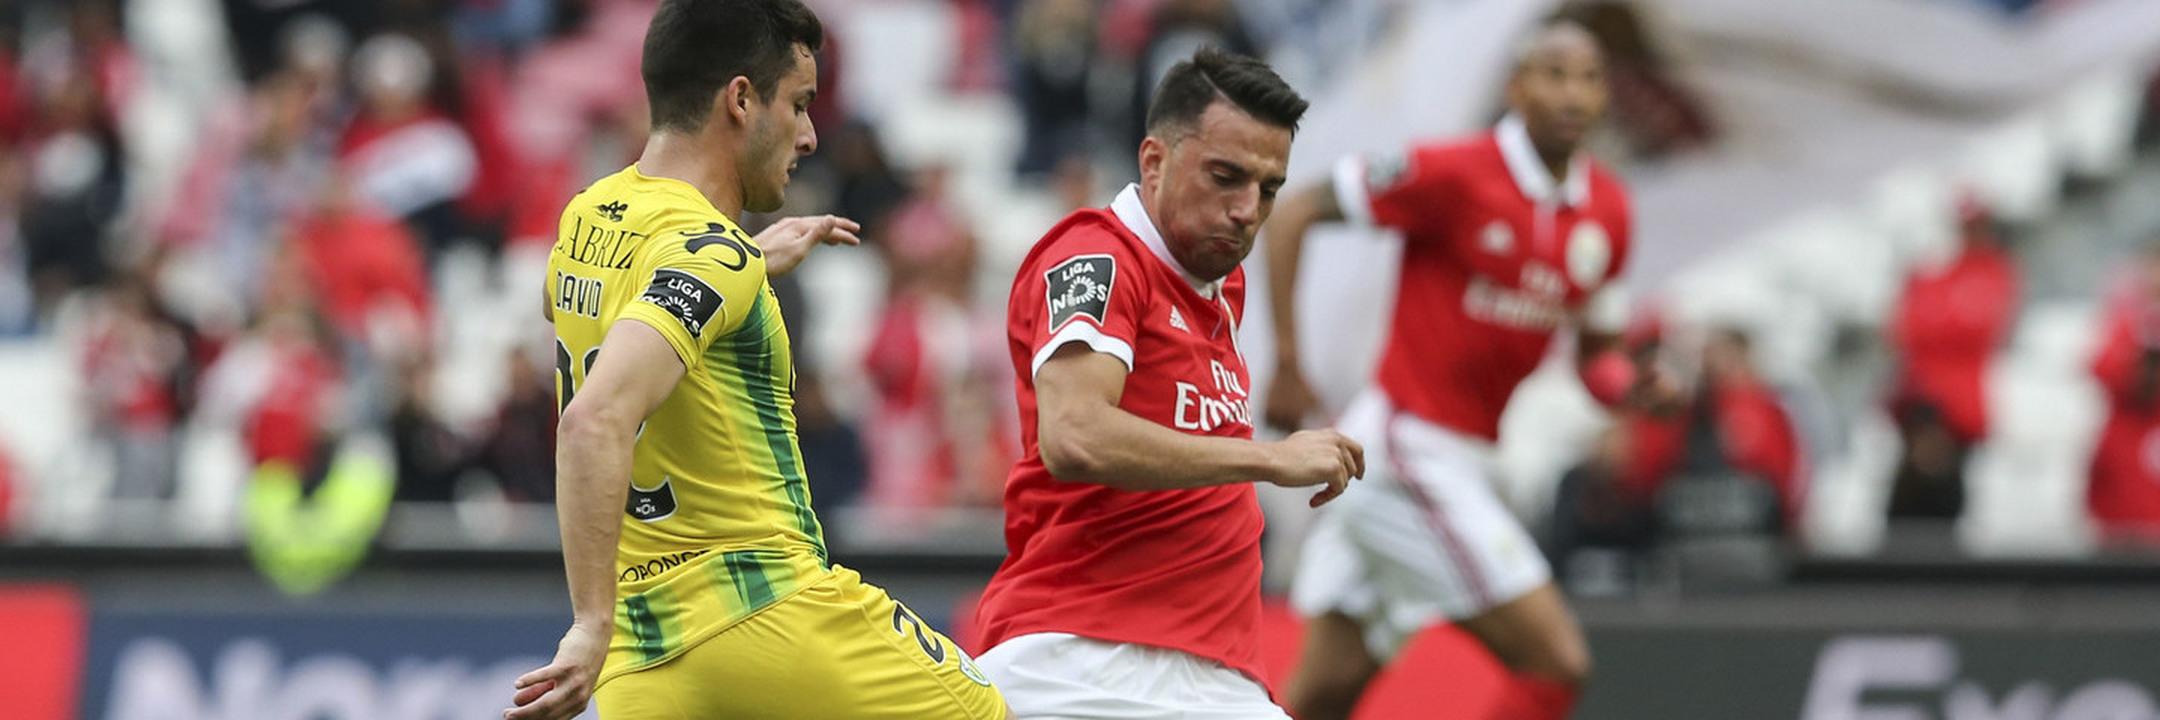 Apenas um triunfo nos últimos nove jogos. Partida frente ao Tondela prolonga ciclo negativo do Benfica